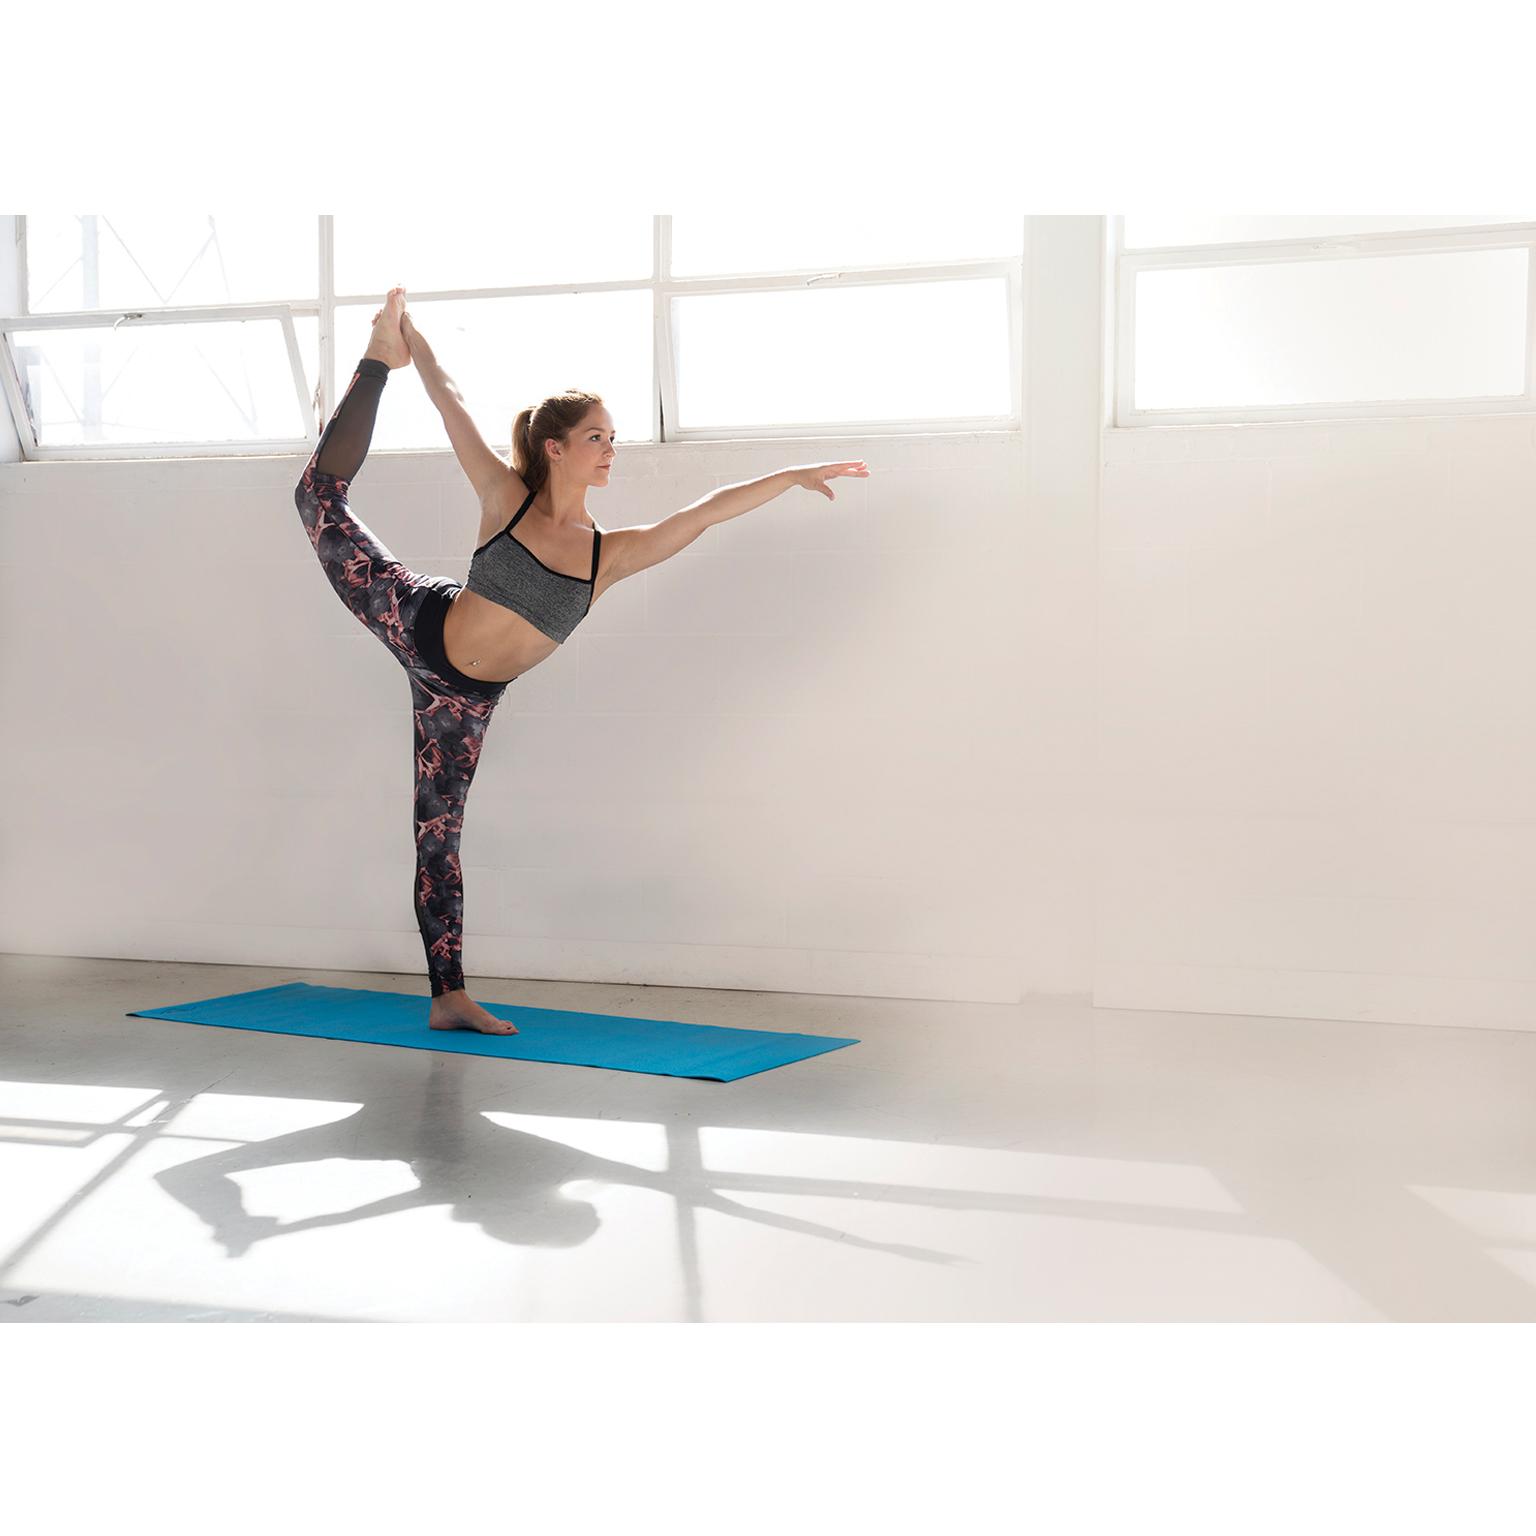 Toronto-Fitness-Model-Agency-Lifestyle-Commercial-Fitness-Elizabeth-Kalashnikova